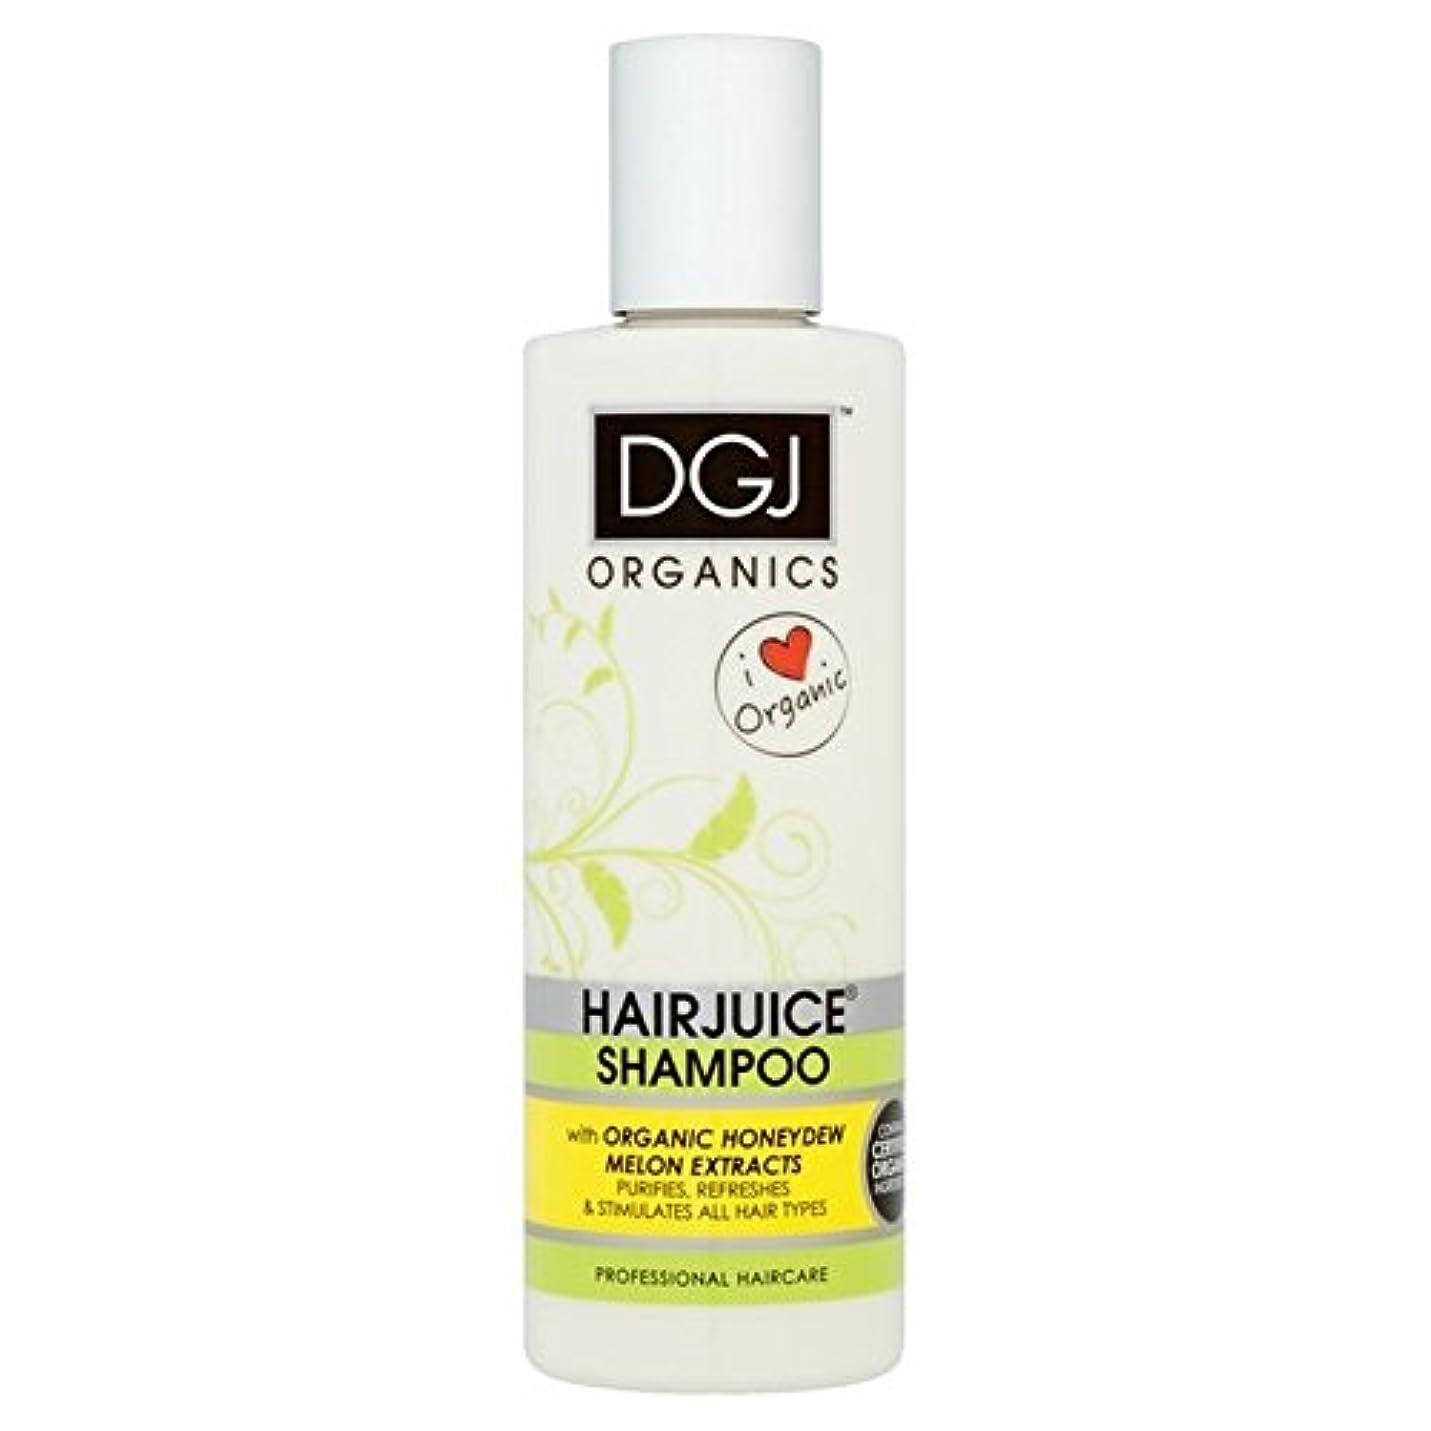 ブラザー単語海嶺有機メロンシャンプー250 x2 - DGJ Organic Hairjuice Melon Shampoo 250ml (Pack of 2) [並行輸入品]